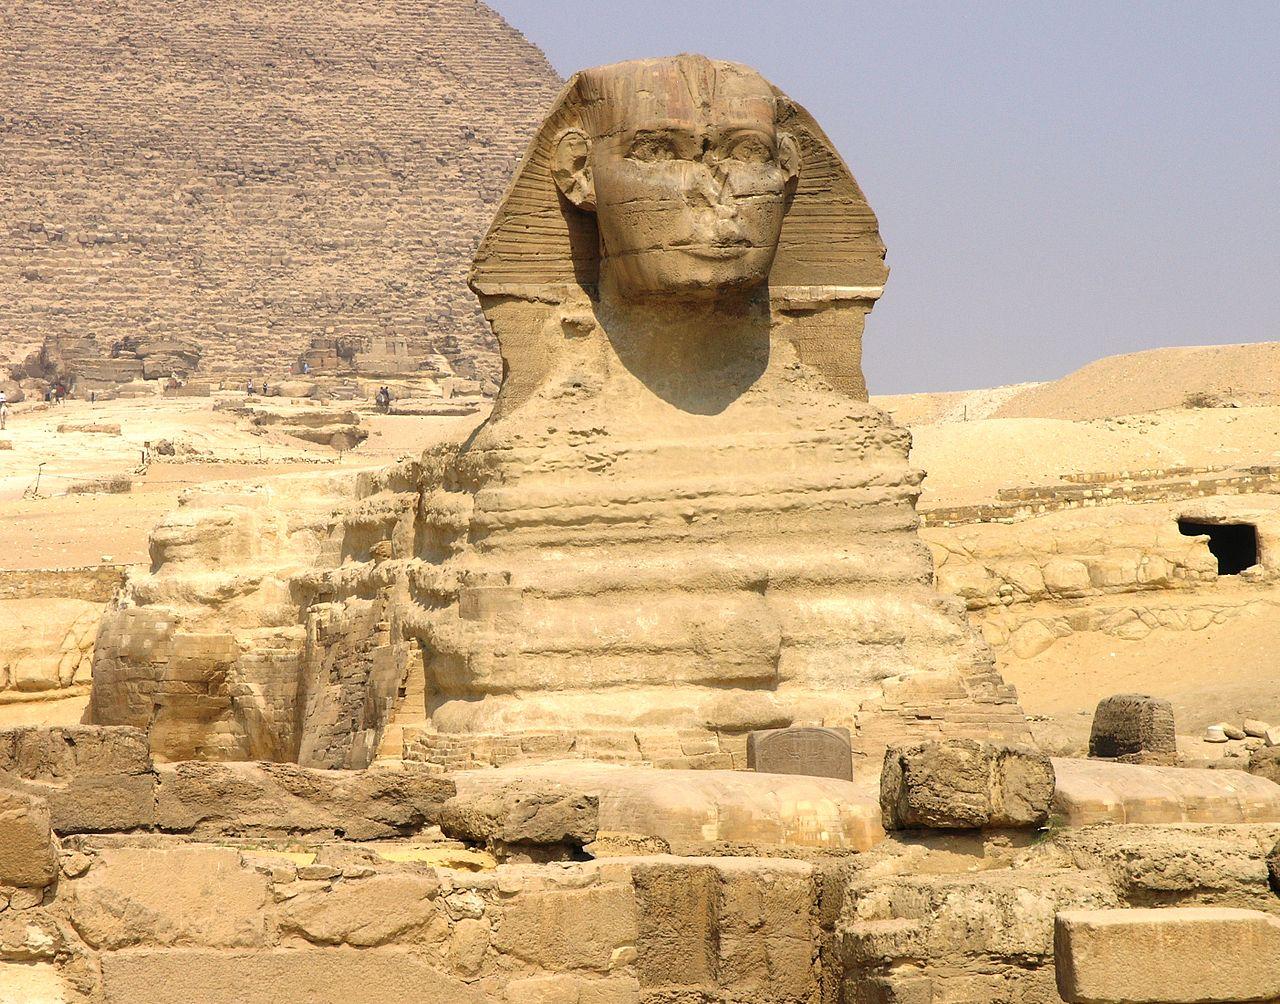 В Египте нашли ещё одного древнего сфинкса, Египет, Археолог, Сфинкс